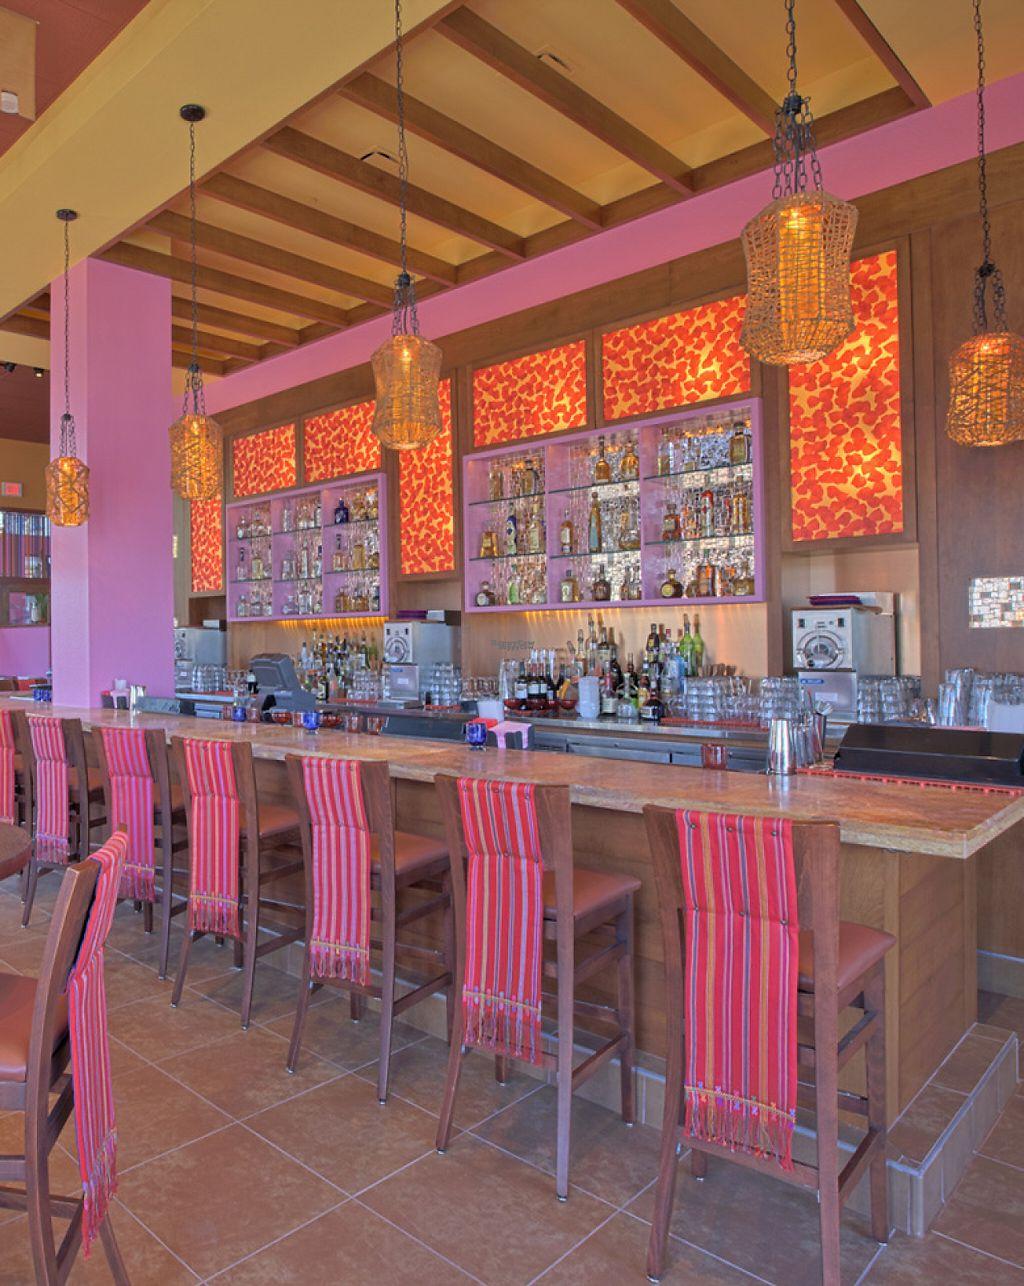 Rosa Mexicano National Harbor Maryland Restaurant Happycow